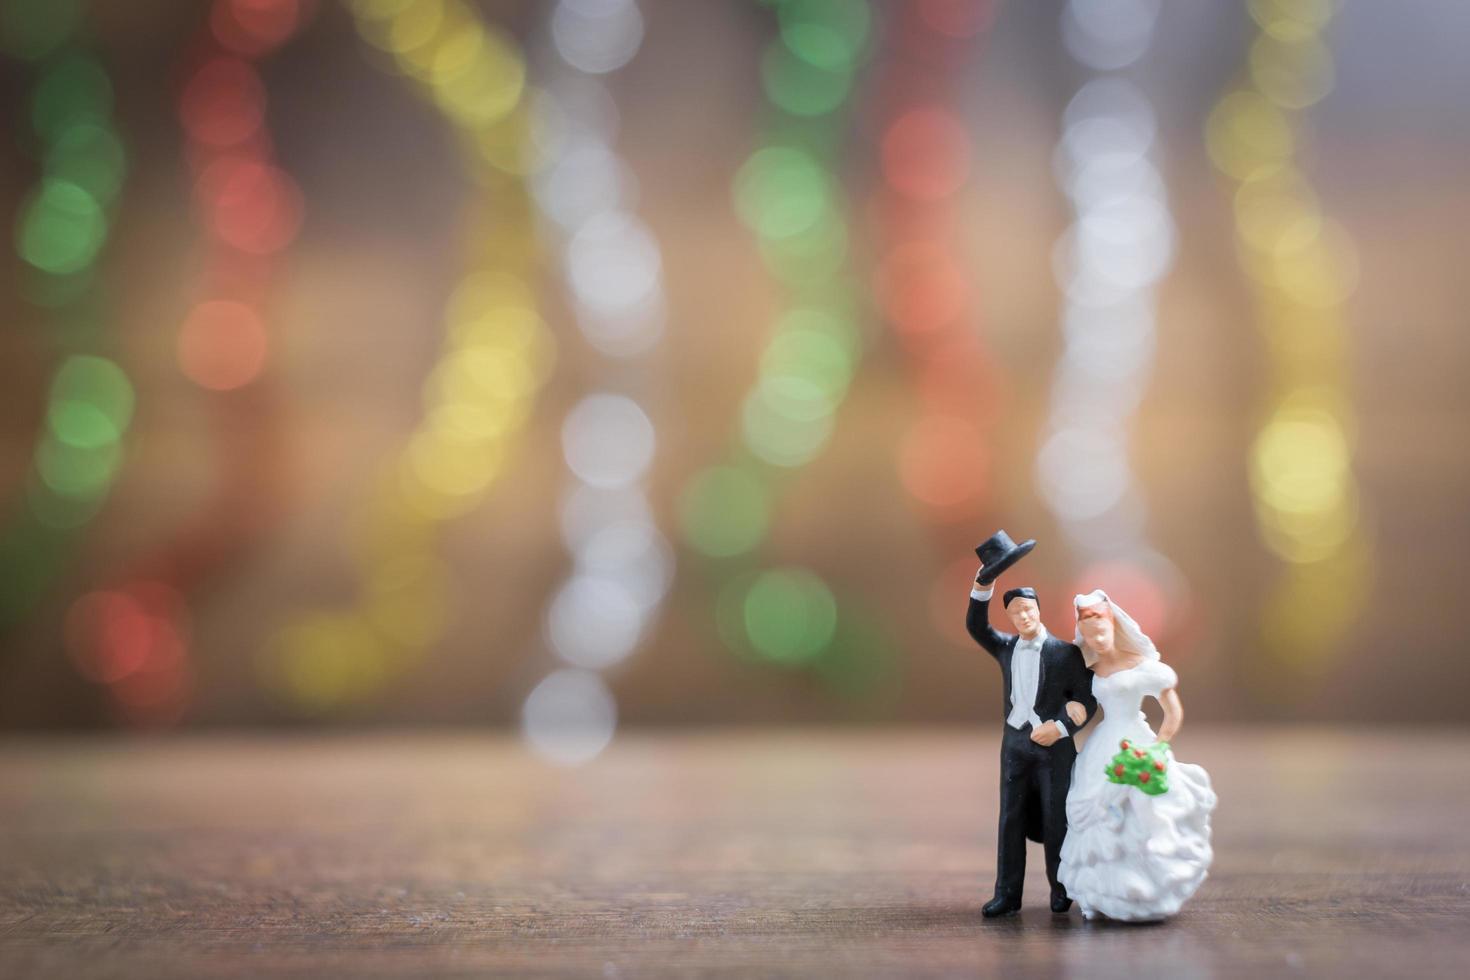 Mariée et le marié miniature sur un plancher en bois avec fond bokeh coloré, concept de famille réussie photo